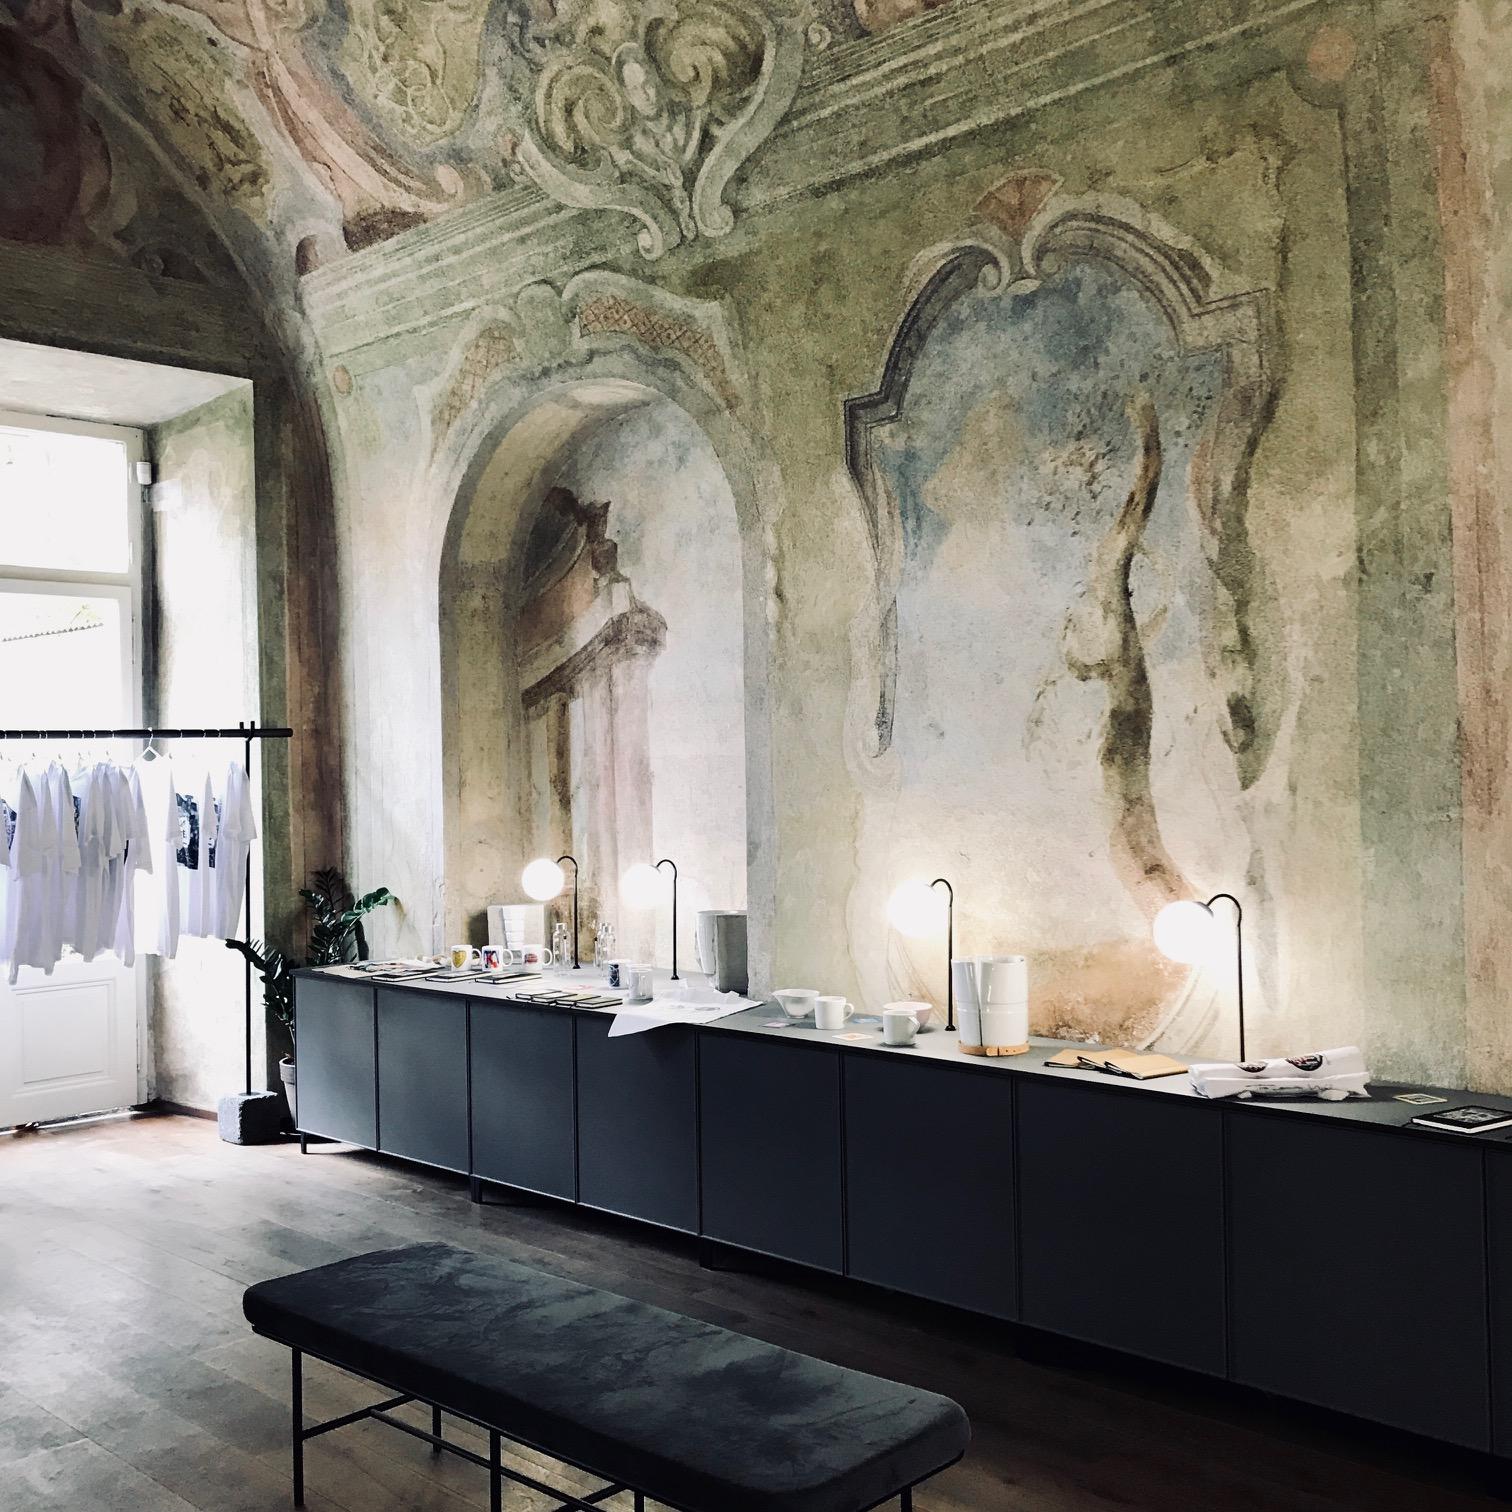 La galerie  Artisème  expose des objets de  designers tchèques . C'est un lieu unique à aller voir en allant au John Lennon Wall. L'intérieur avec ses hauts plafonds, son aspect brut et ses grandes ouvertures donne au lieu un  cachet  tout particulier.   www.artiseme.com